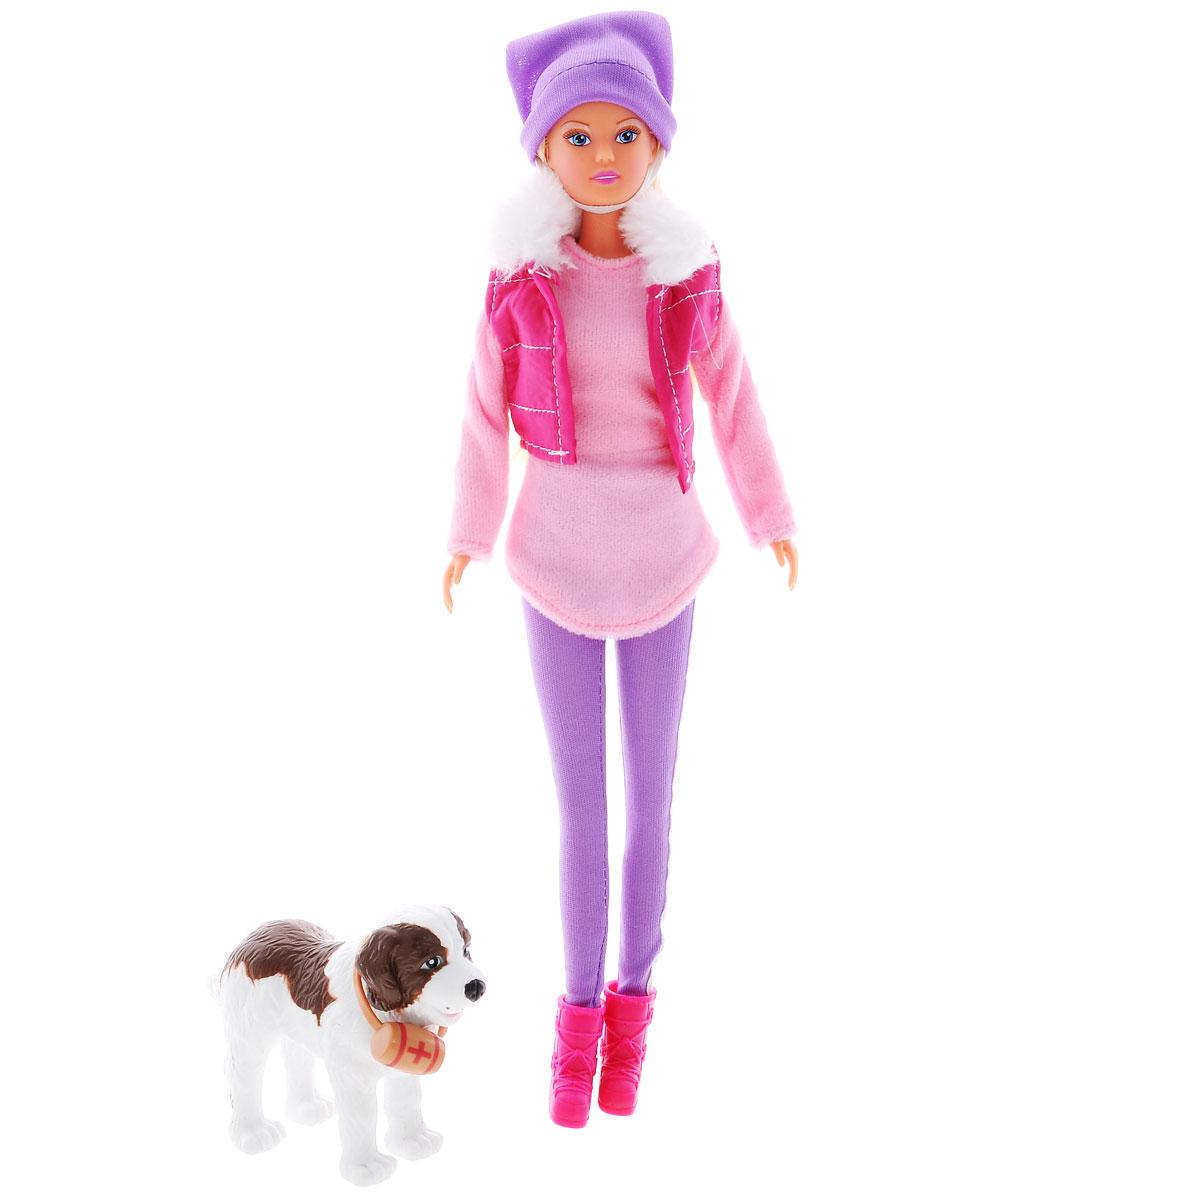 Simba Кукла Штеффи на прогулке с собакой5730931Кукла Simba Штеффи на прогулке с собакой надолго займет внимание вашей малышки и подарит ей множество счастливых мгновений. Кукла изготовлена из прочного материала, ее голова, ручки и ножки подвижны, что позволяет придавать ей разнообразные позы. В комплект входит собака. Куколка одета в розовую кофту, сверху жилетка с мехом, на голове шапка, а на ногах леггинсы с сапожками. Чудесные длинные волосы куклы так весело расчесывать и создавать из них всевозможные прически, косички и хвостики. У Штеффи как всегда чудесный наряд под стать погоде, а с ней рядом ее верный друг и спасатель - собака, у которой на ошейнике есть аптечка для экстренной помощи. Благодаря играм с куклой, ваша малышка сможет развить фантазию и любознательность, овладеть навыками общения и научиться ответственности, а дополнительные аксессуары сделают игру еще увлекательнее. Порадуйте свою принцессу таким прекрасным подарком!